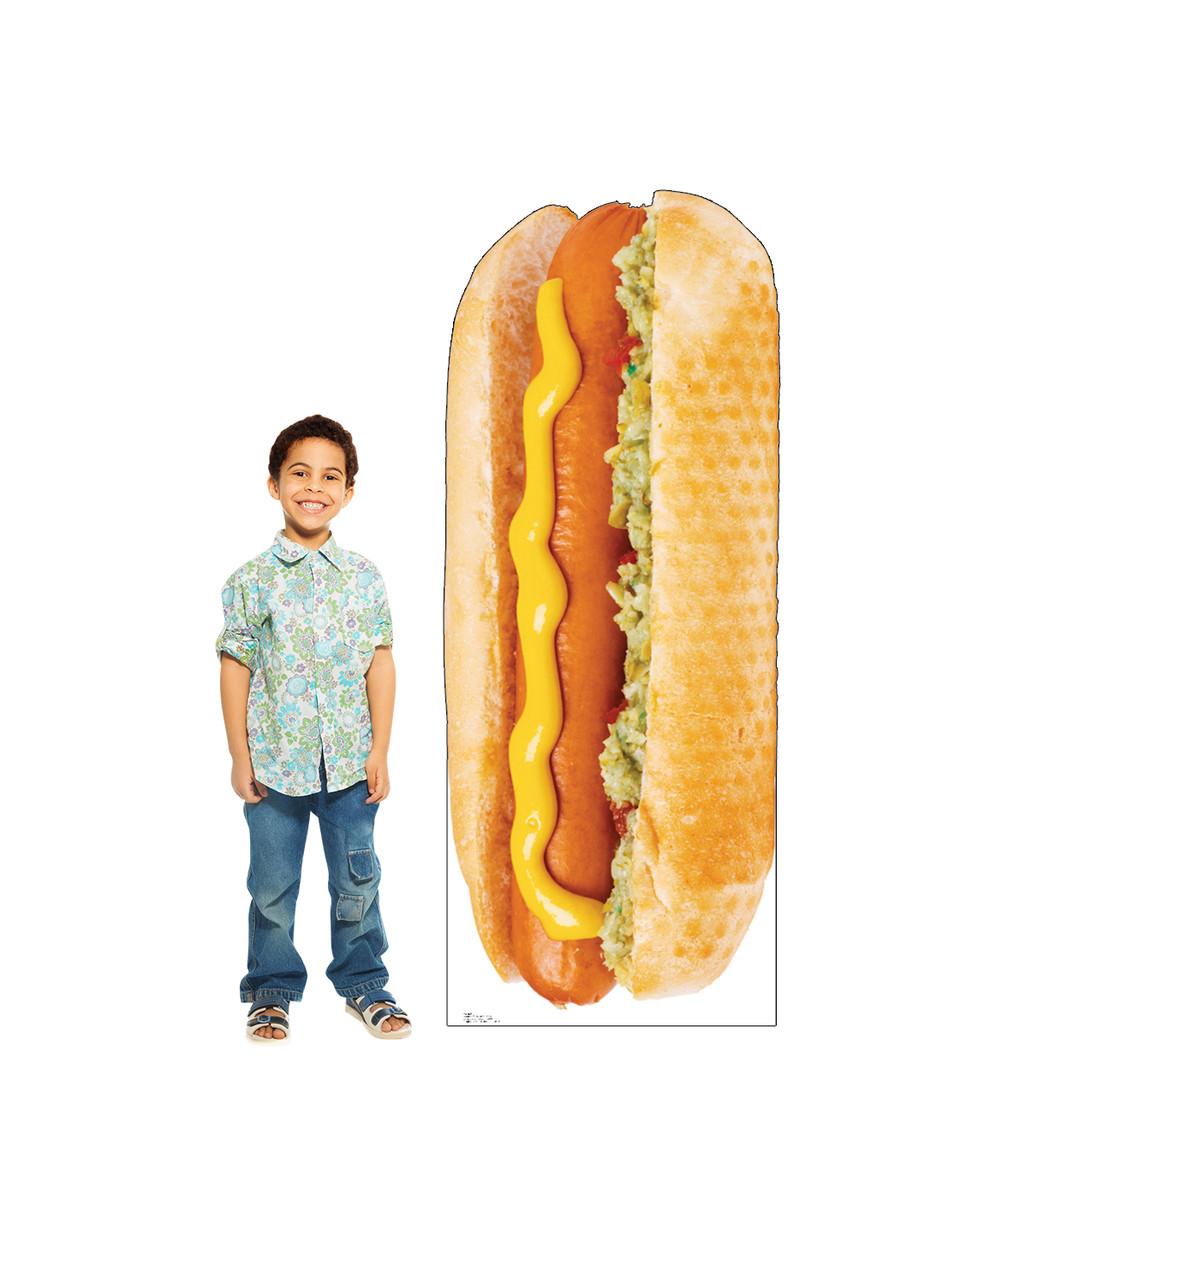 Hot Dog - Cardboard Cutout